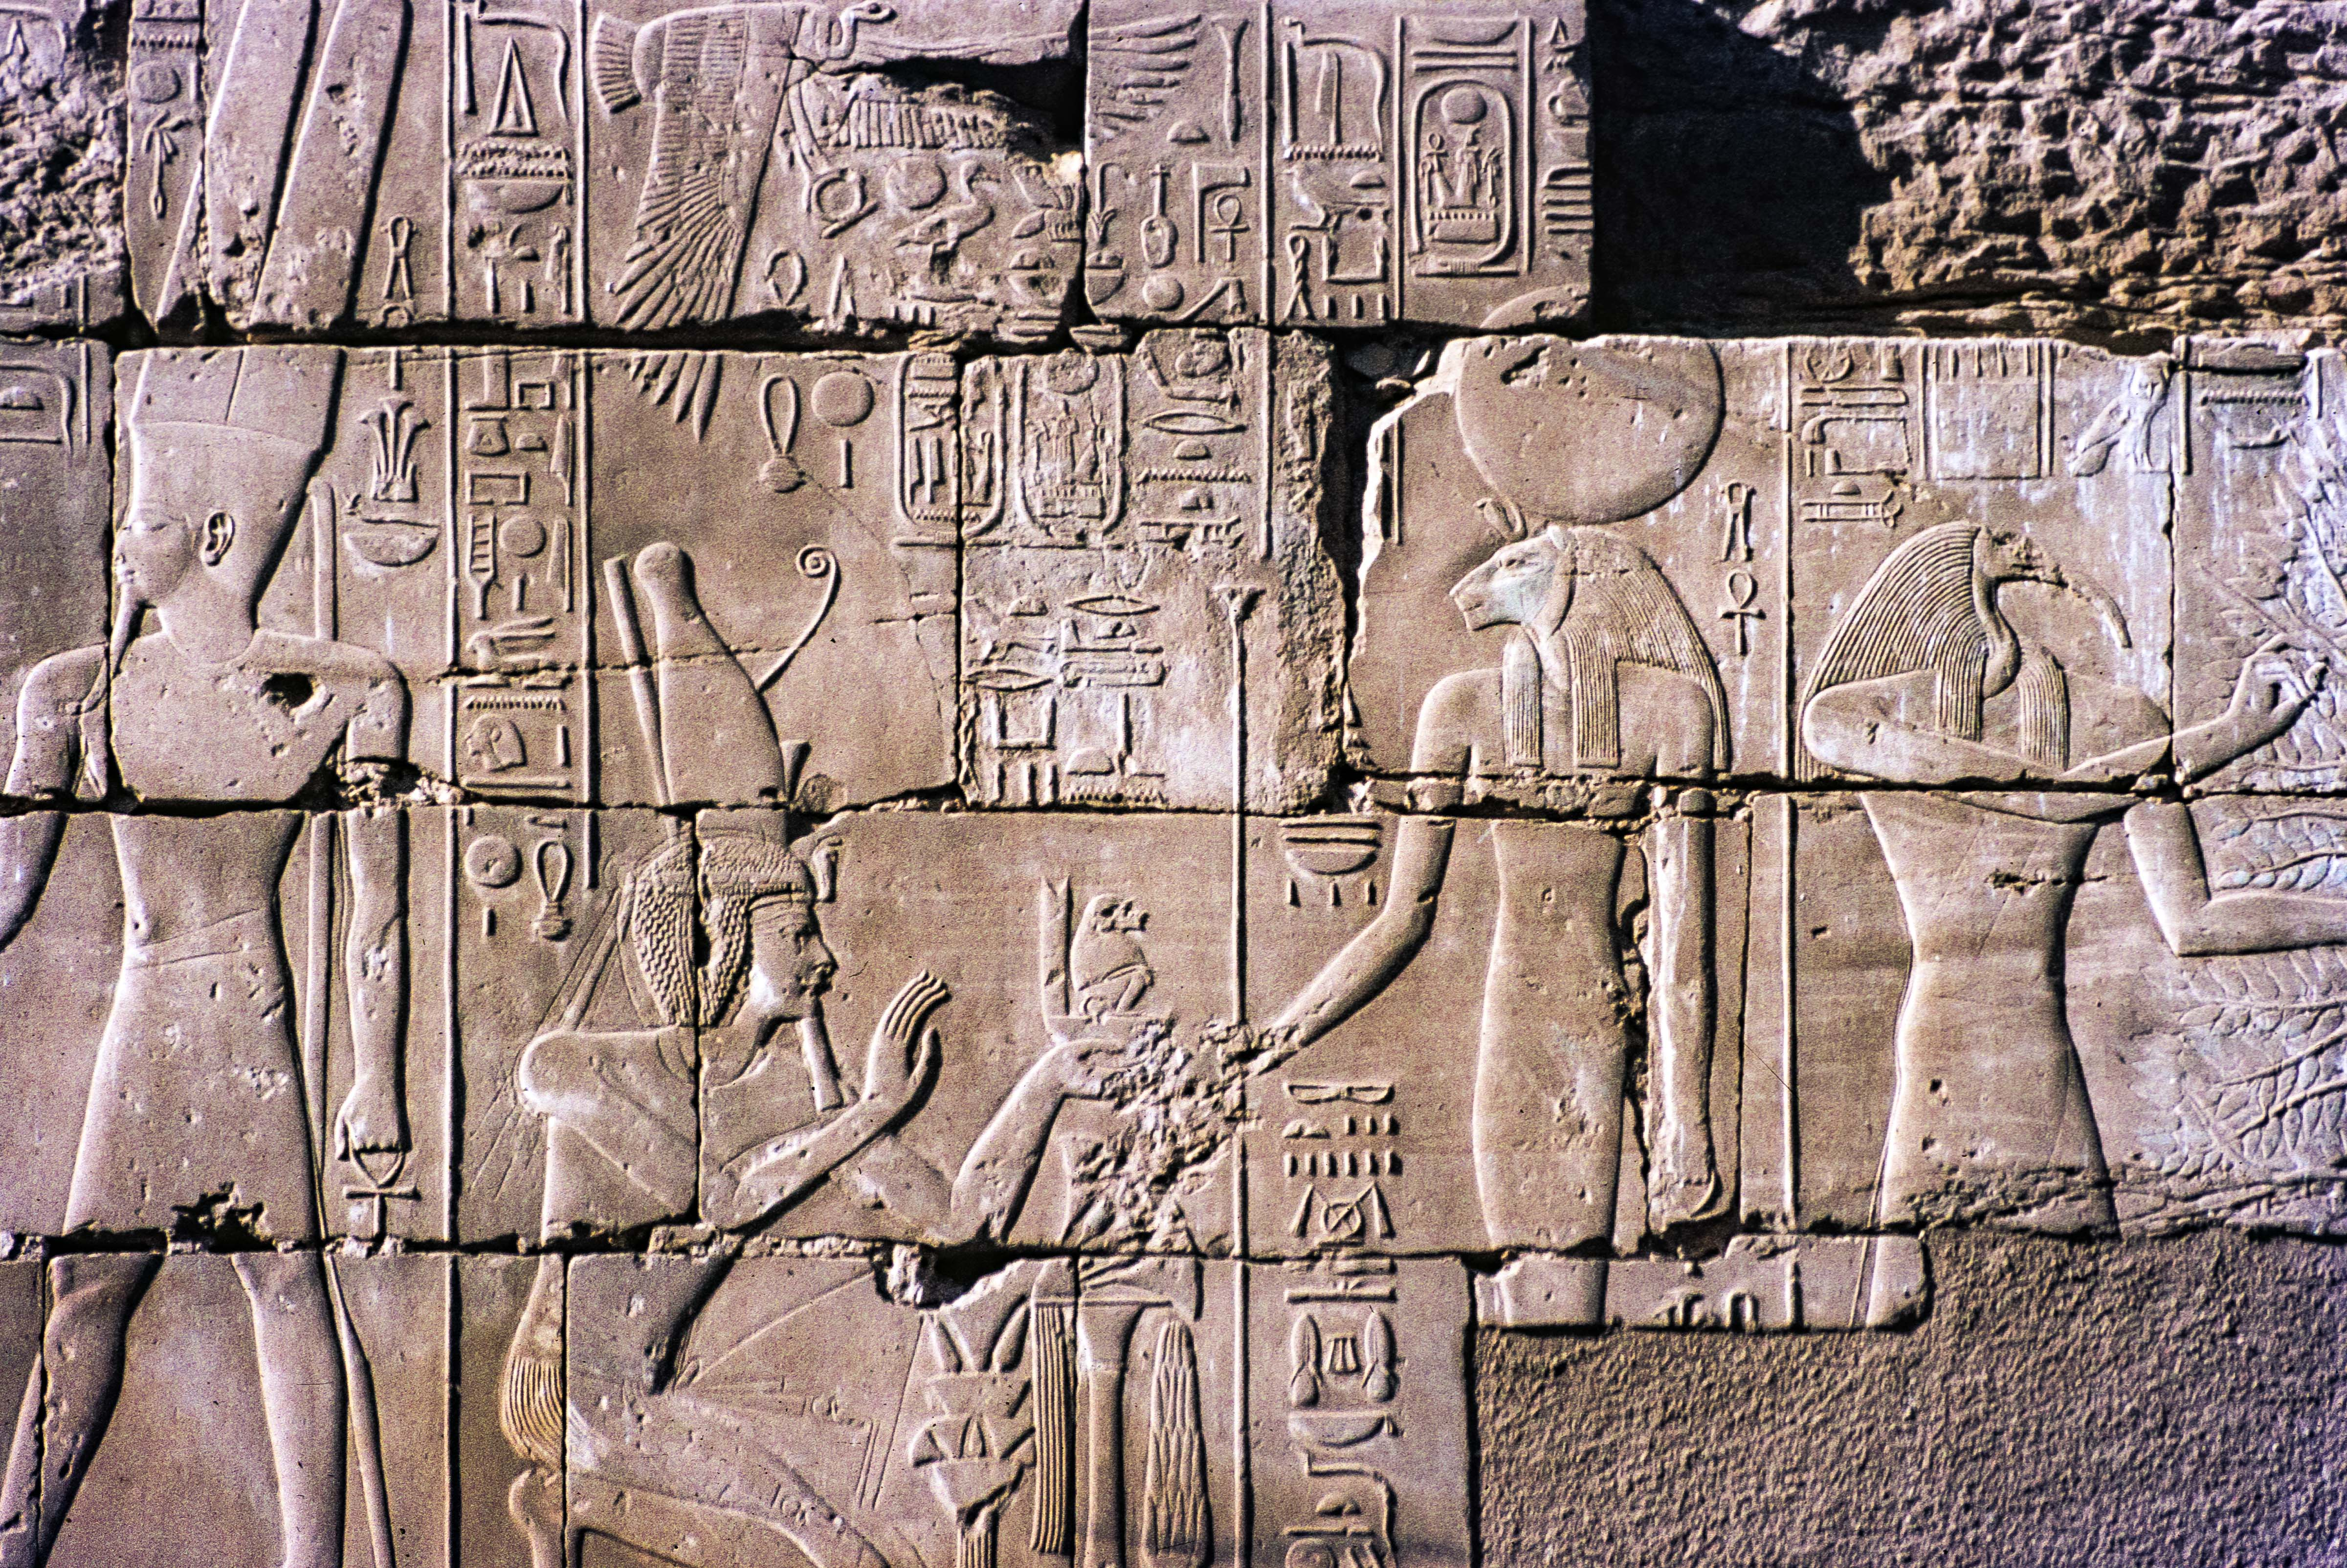 Egypt, Hieroglyphics, 1984